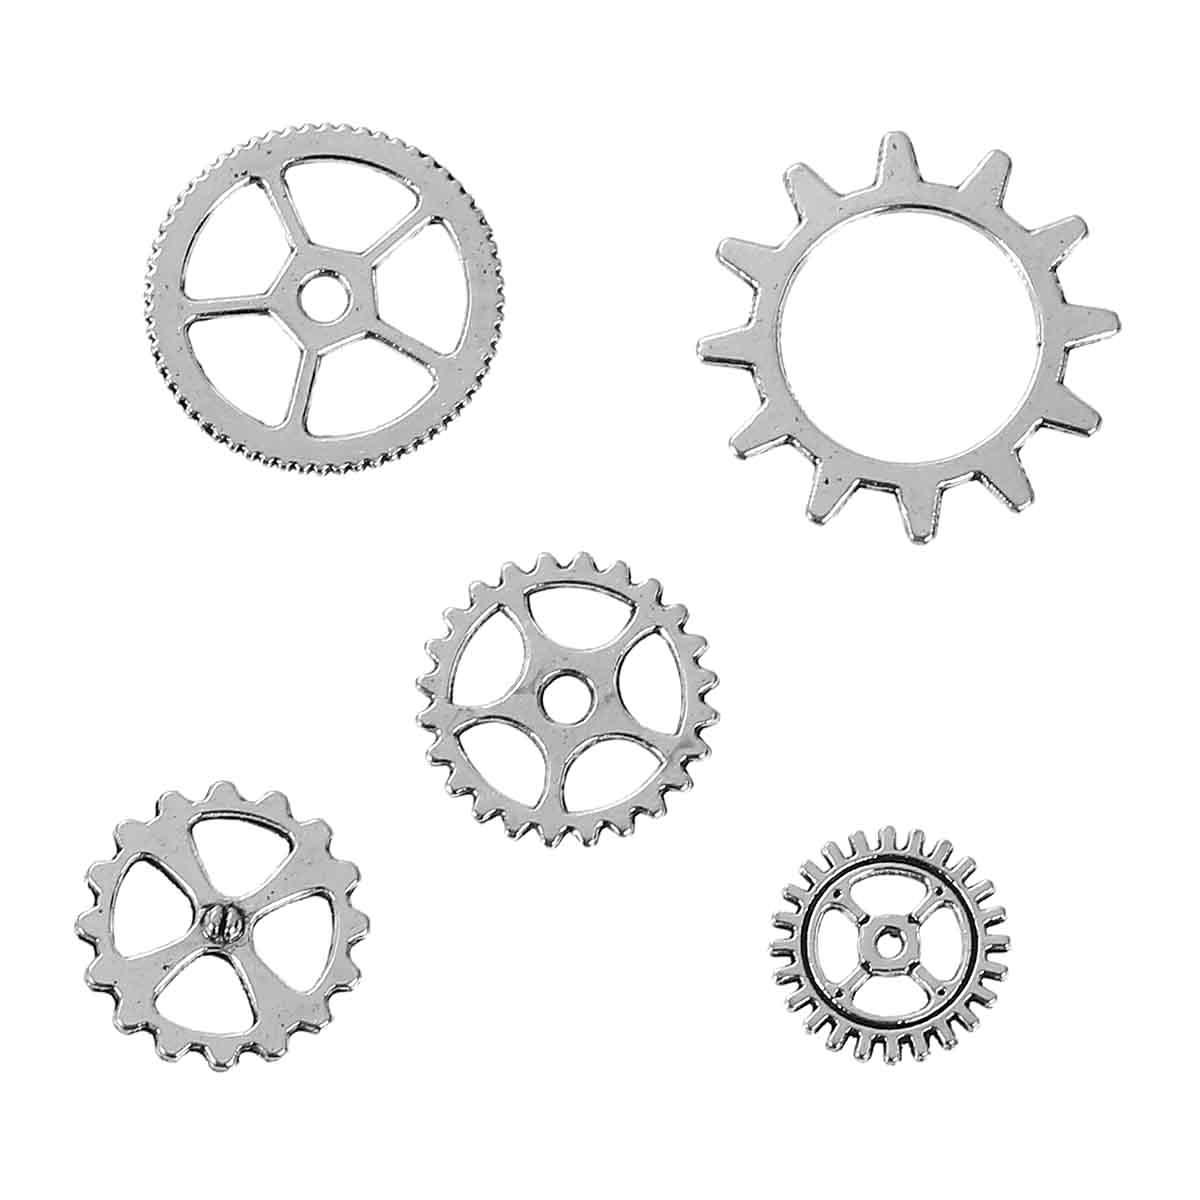 Wspaniały 5szt koła zębate trybiki, steampunk, metalowe - 7282537225 HC84